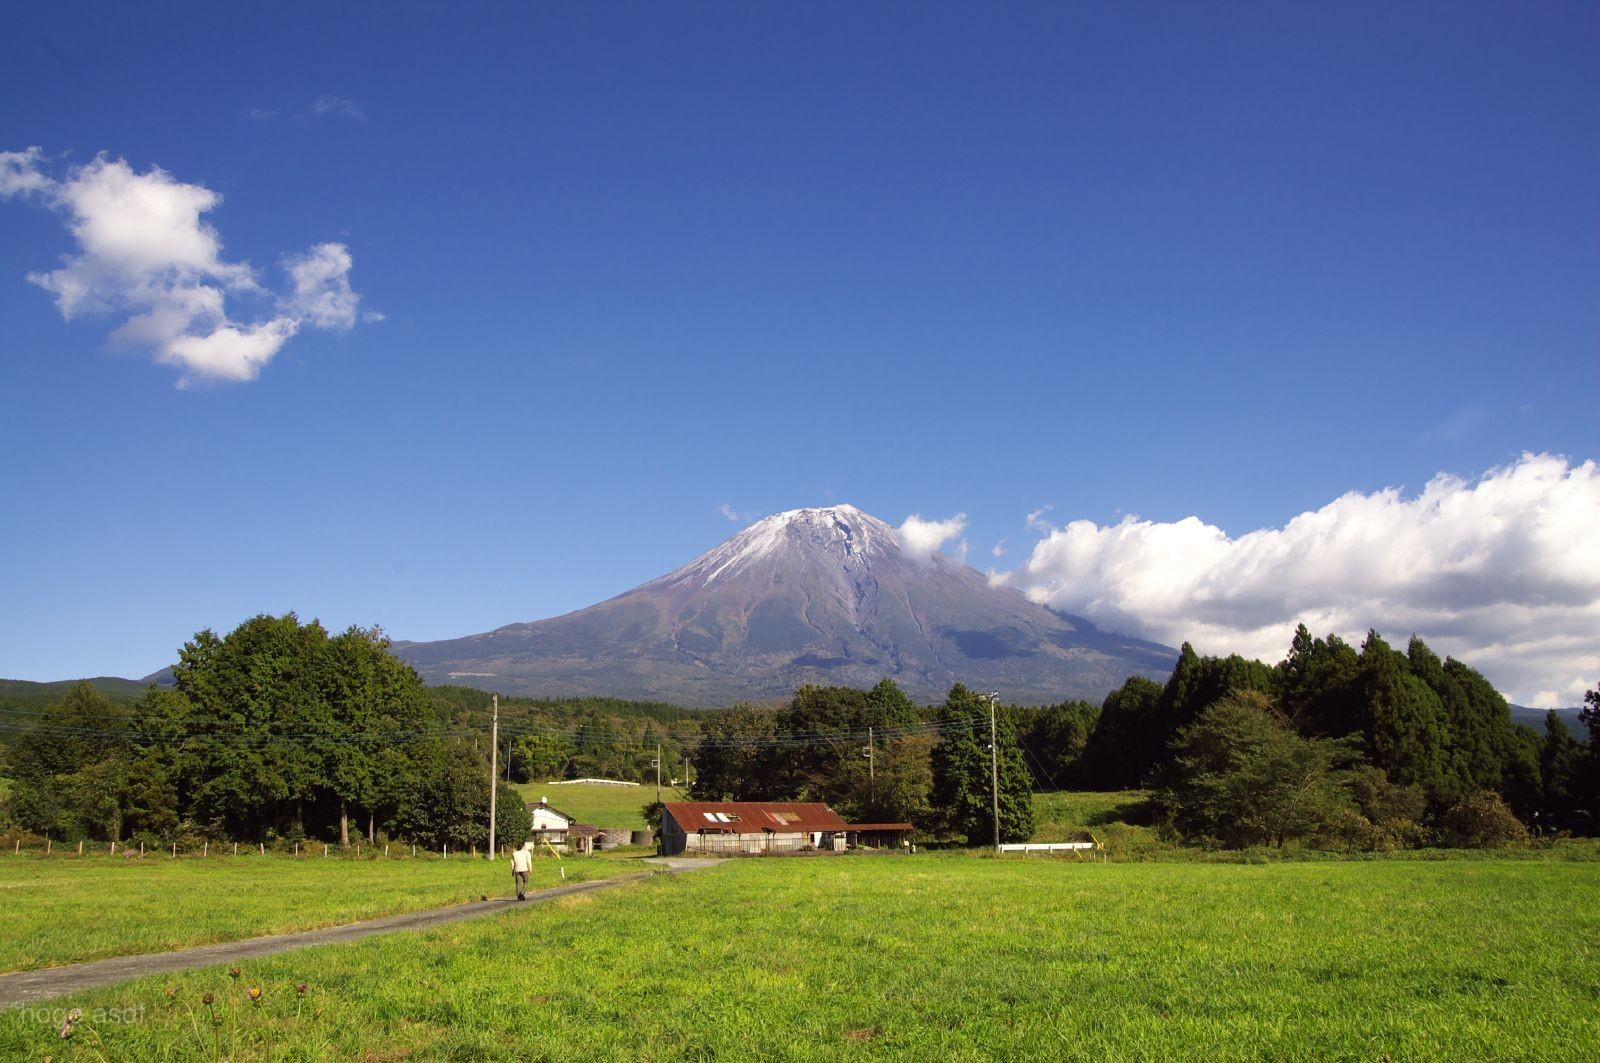 《期間限定》【吉田路線】2019挑戰日本第一高峰~富士山登山健行5日(含小費)